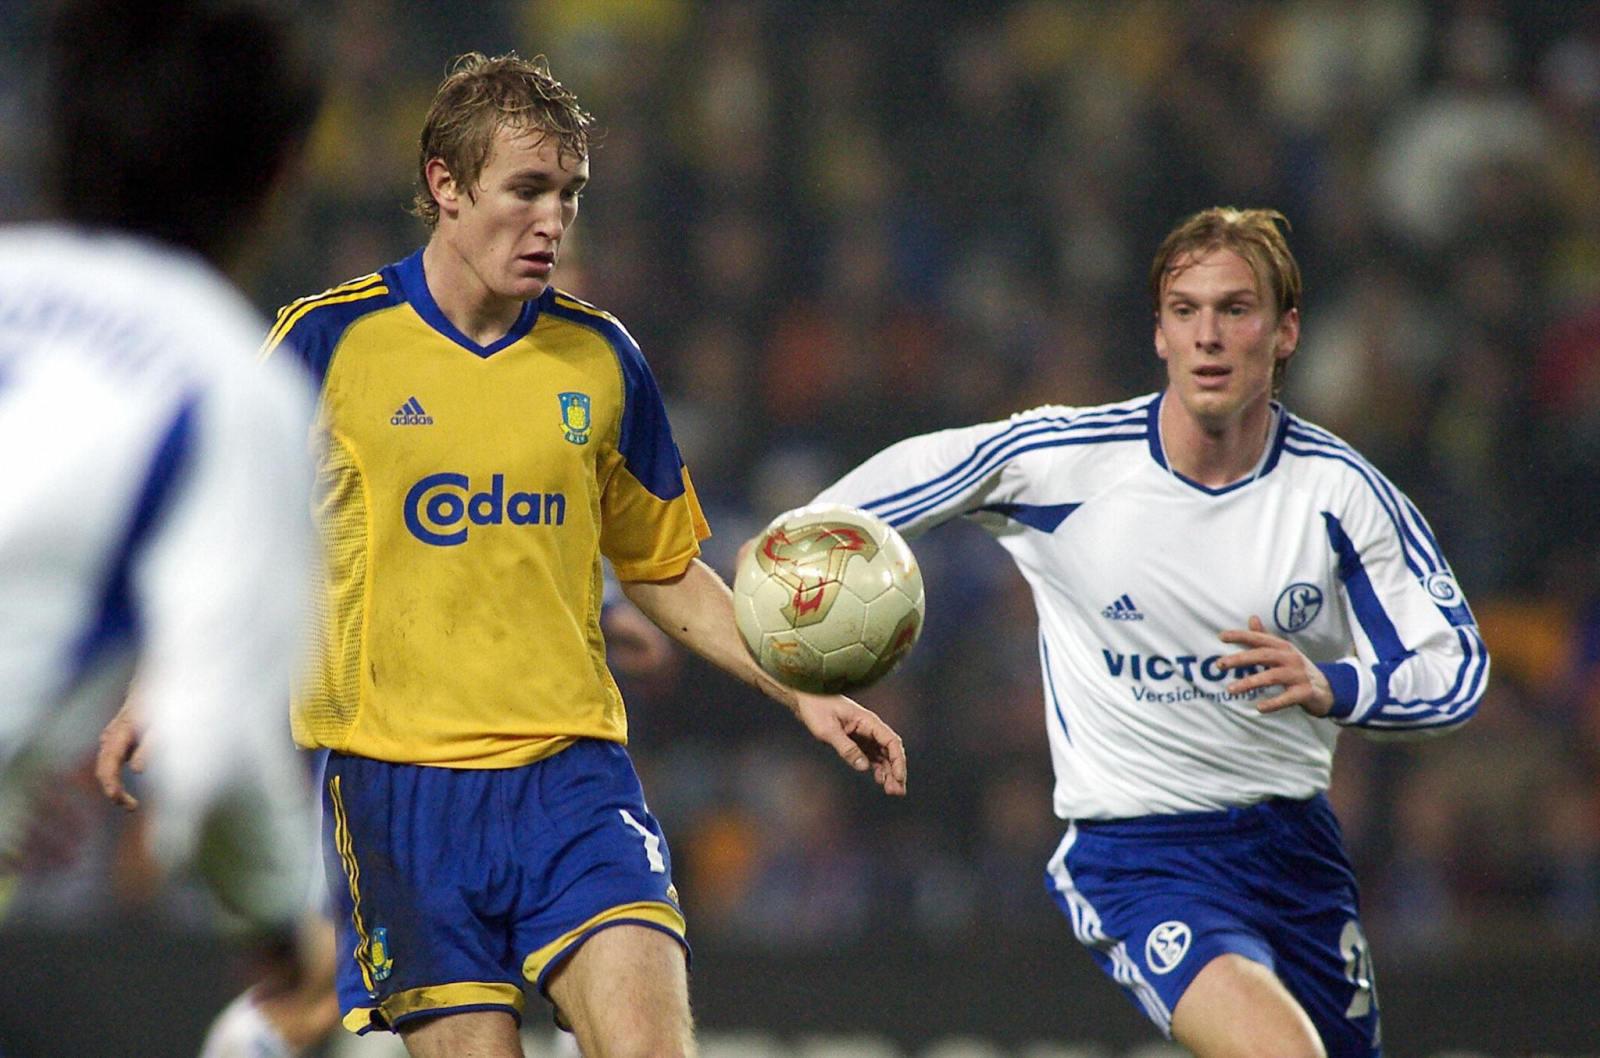 Schalke 04, Christian Poulsen